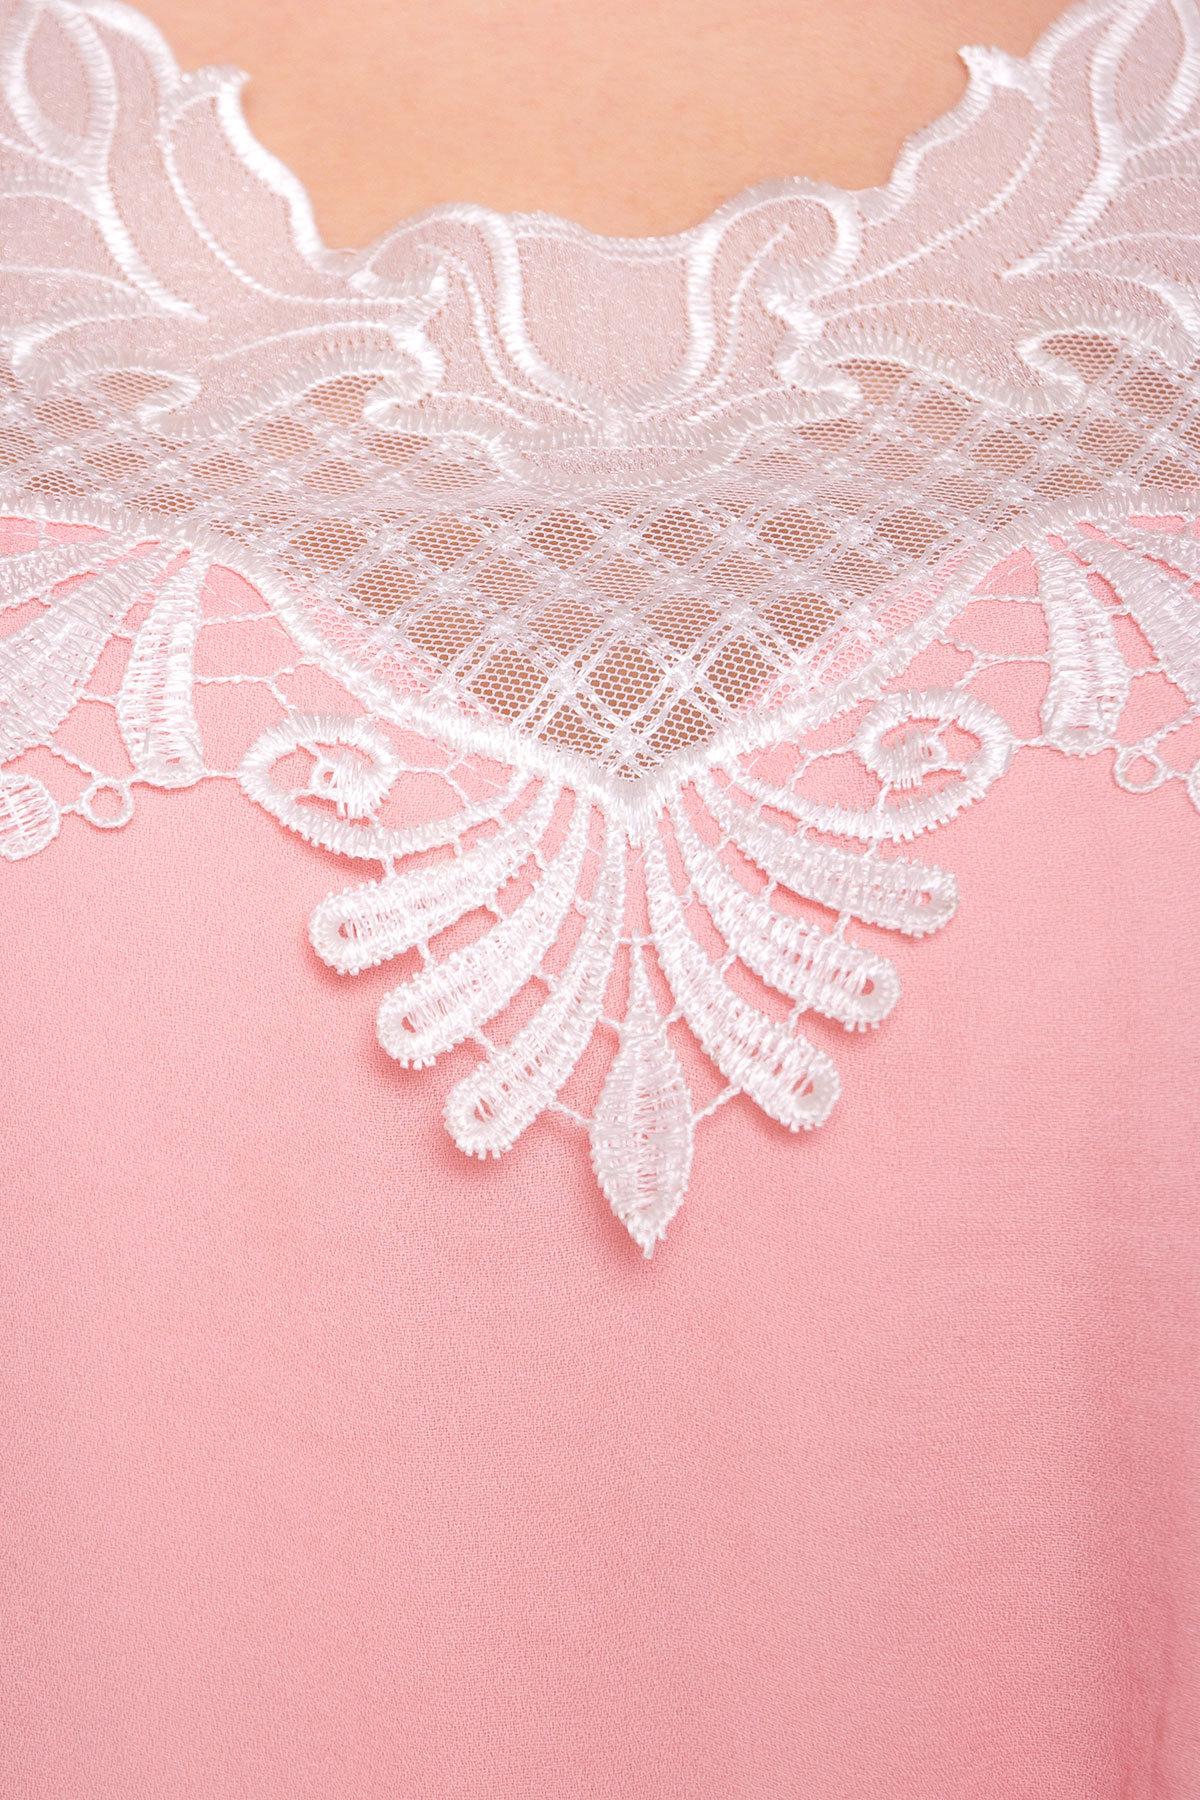 Платье Альбина 3110 АРТ. 33934 Цвет: Розовый Темный 1 - фото 4, интернет магазин tm-modus.ru